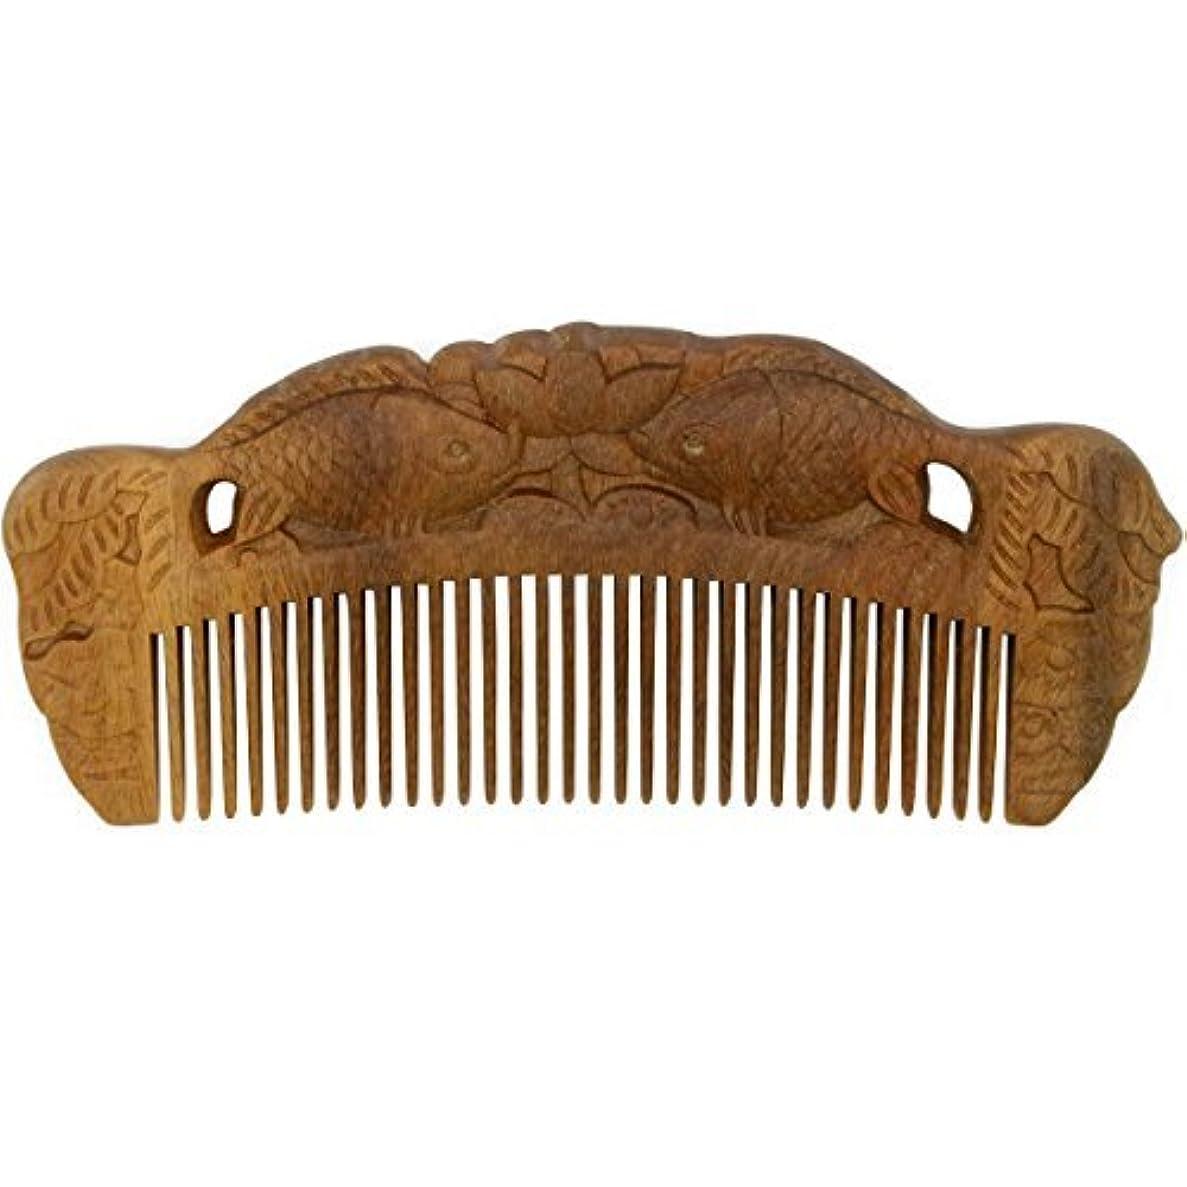 受け皿興味発表YOY Handmade Carved Natural Sandalwood Hair Comb - Anti-static No Snag Brush for Men's Mustache Beard Care Anti...